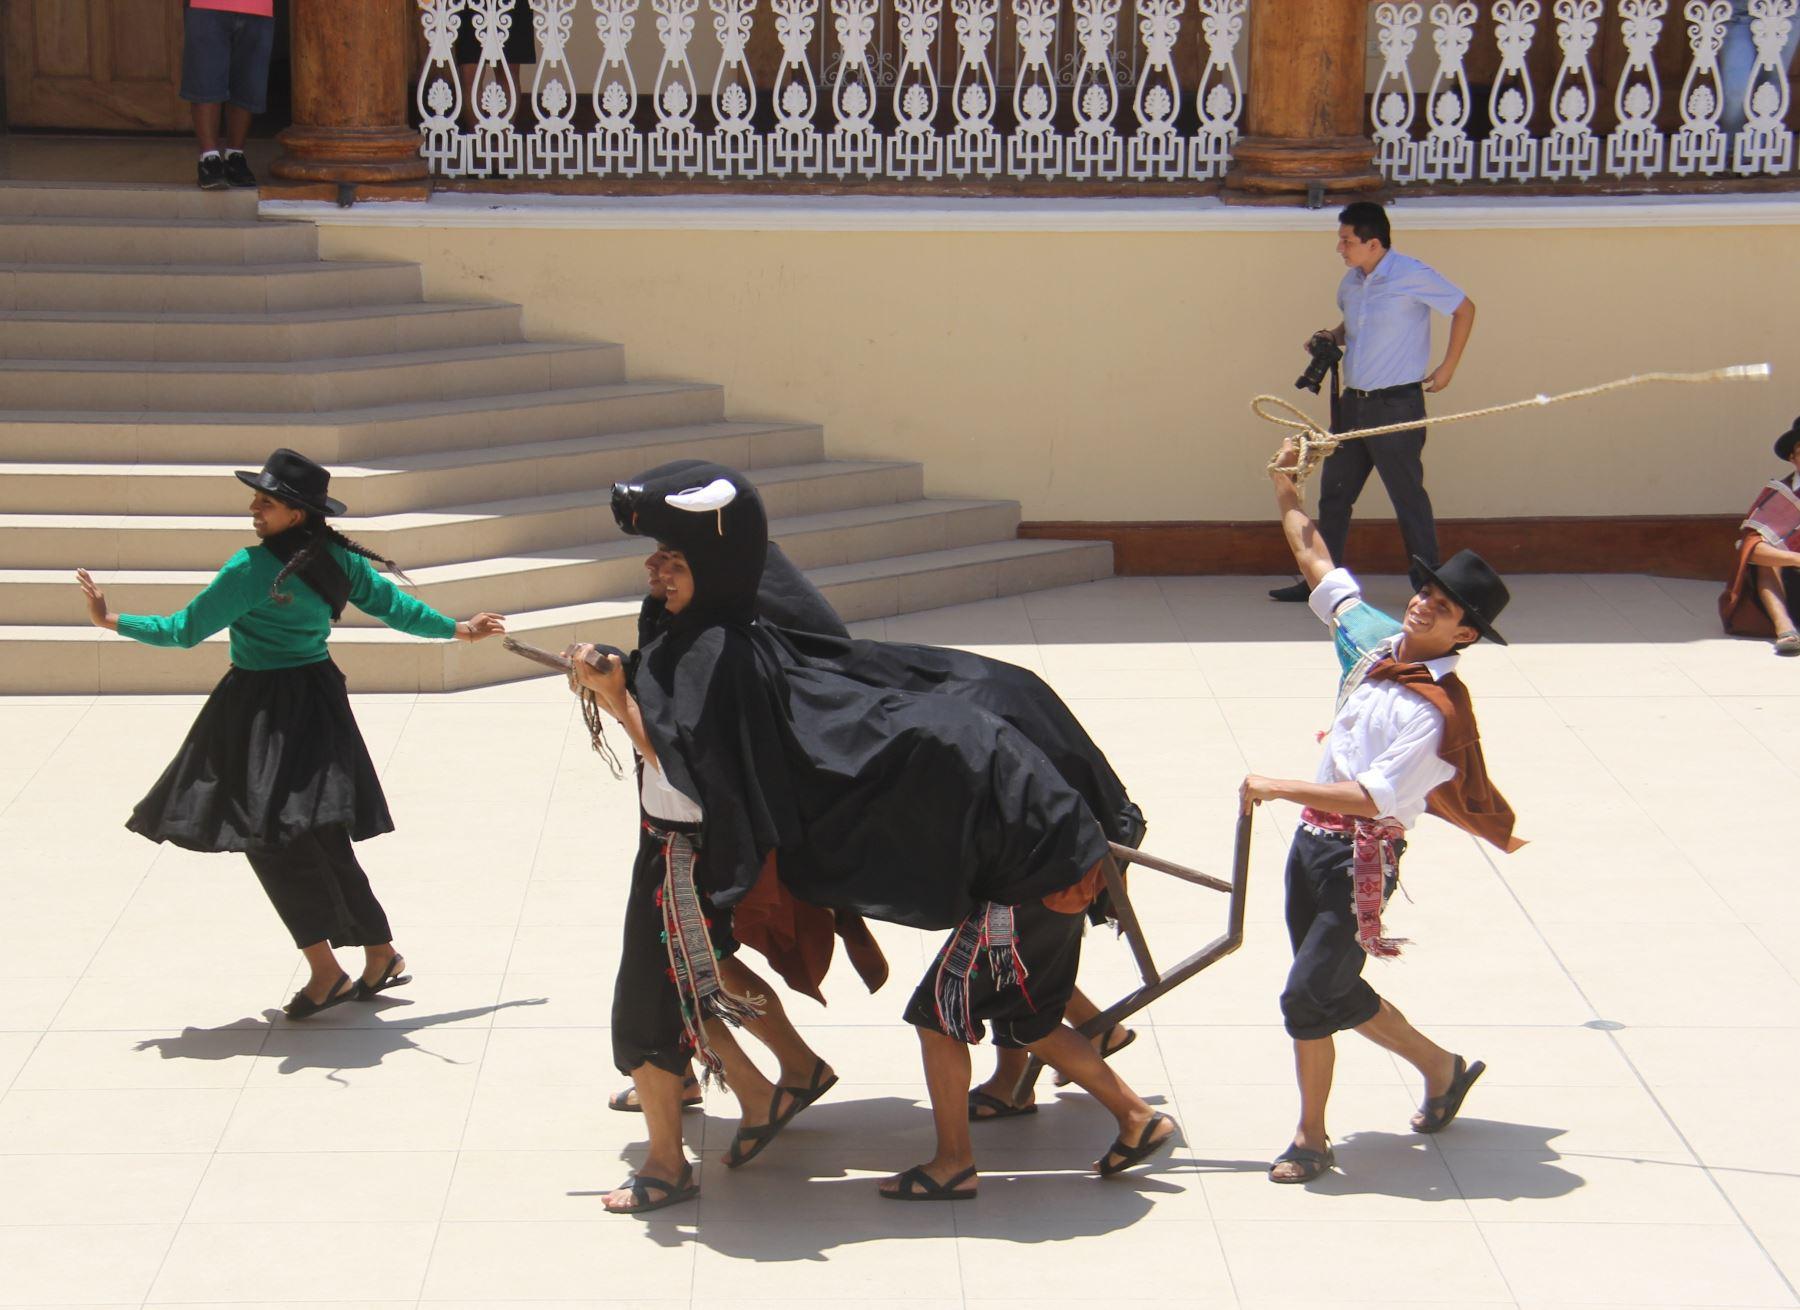 Julcán espera recibir más de 5,000 turistas durante celebración de su carnaval. ANDINA/Luis Puell